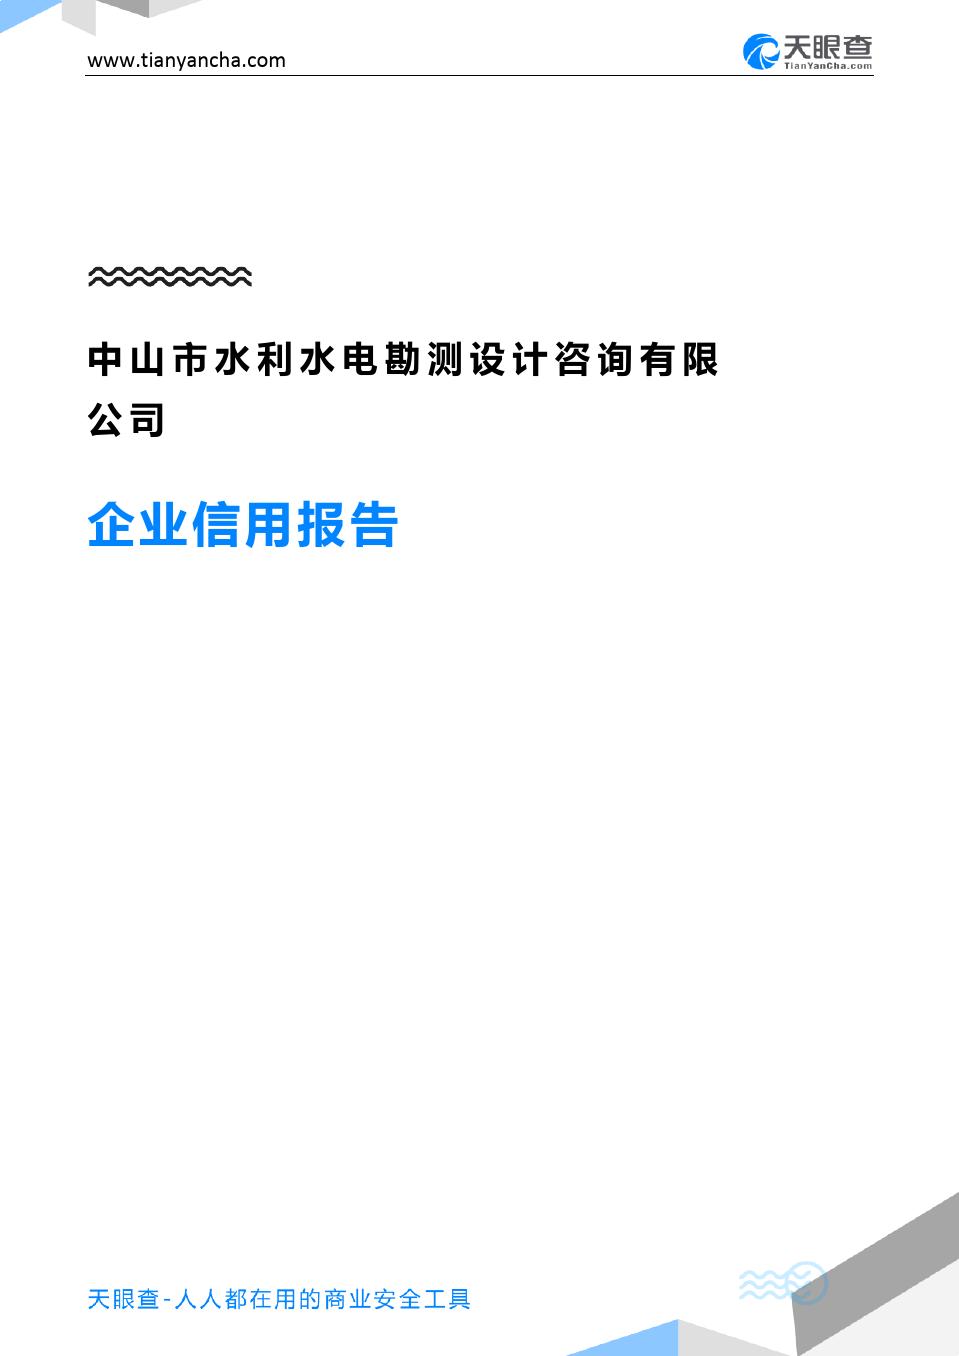 中山市水利水电勘测设计咨询有限公司(企业信用报告)- 天眼查